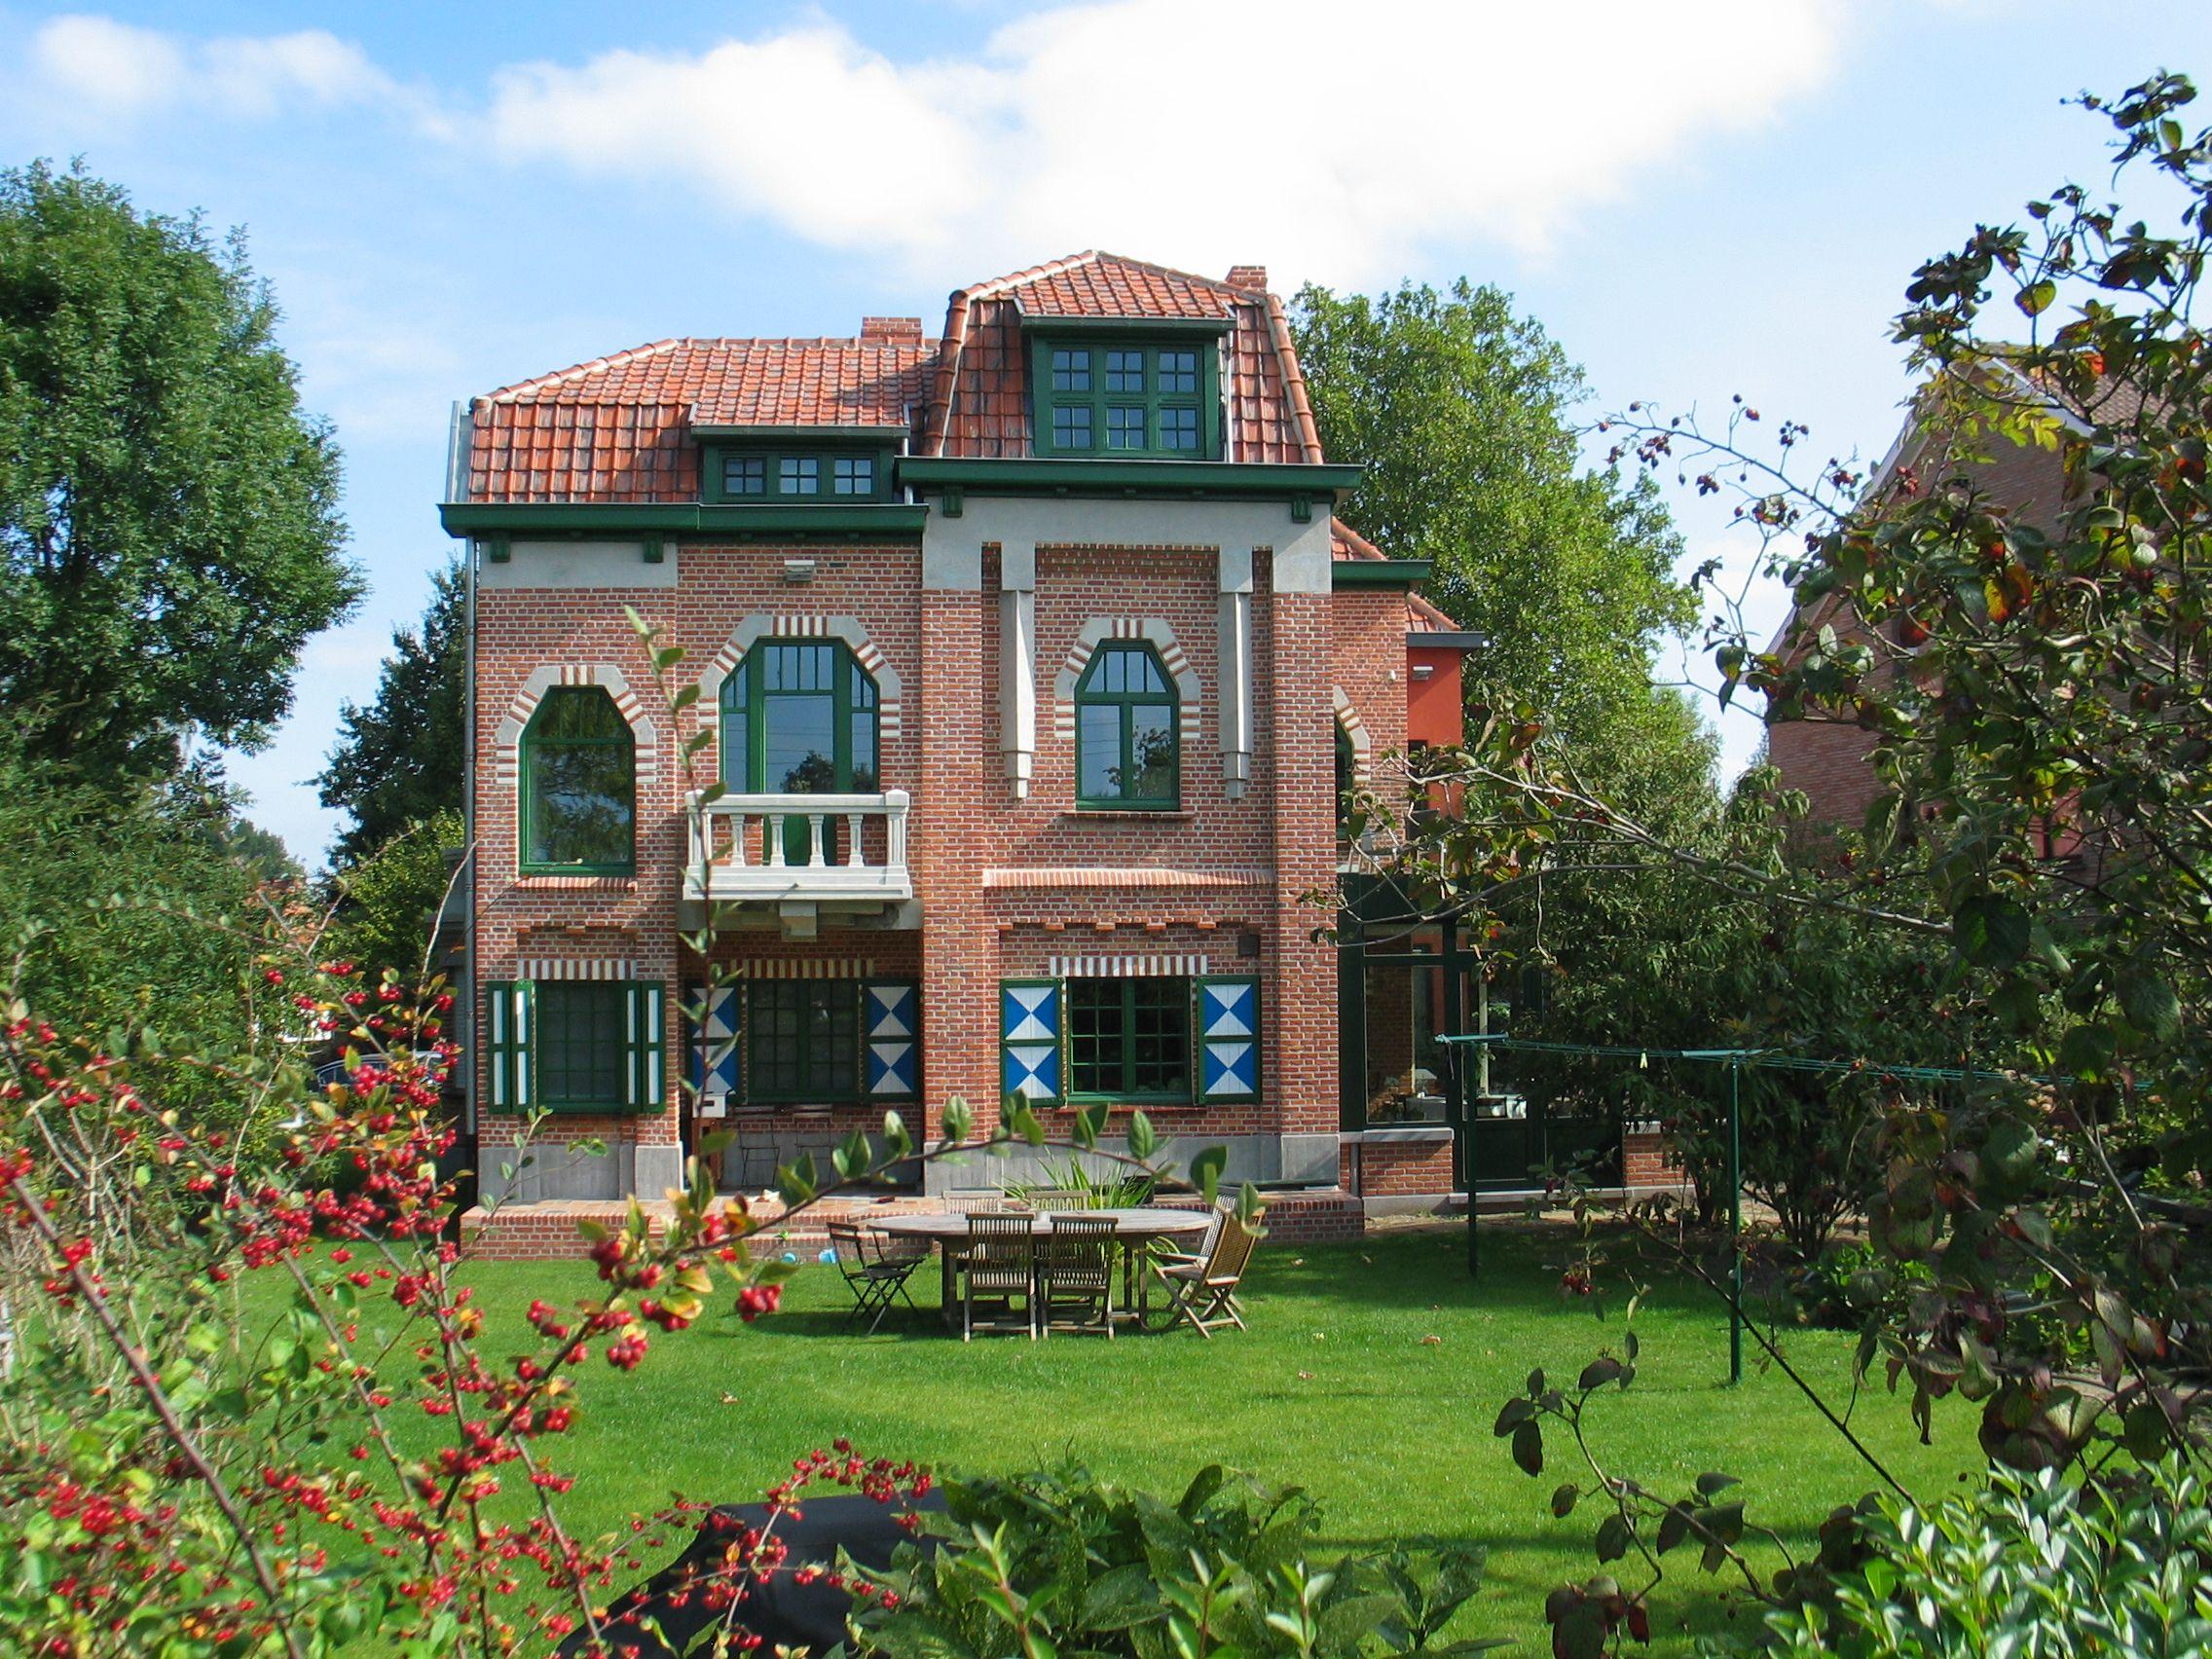 Landelijk archieven architect wouter cassiman architect wouter cassiman - Oude huis renovatie ...